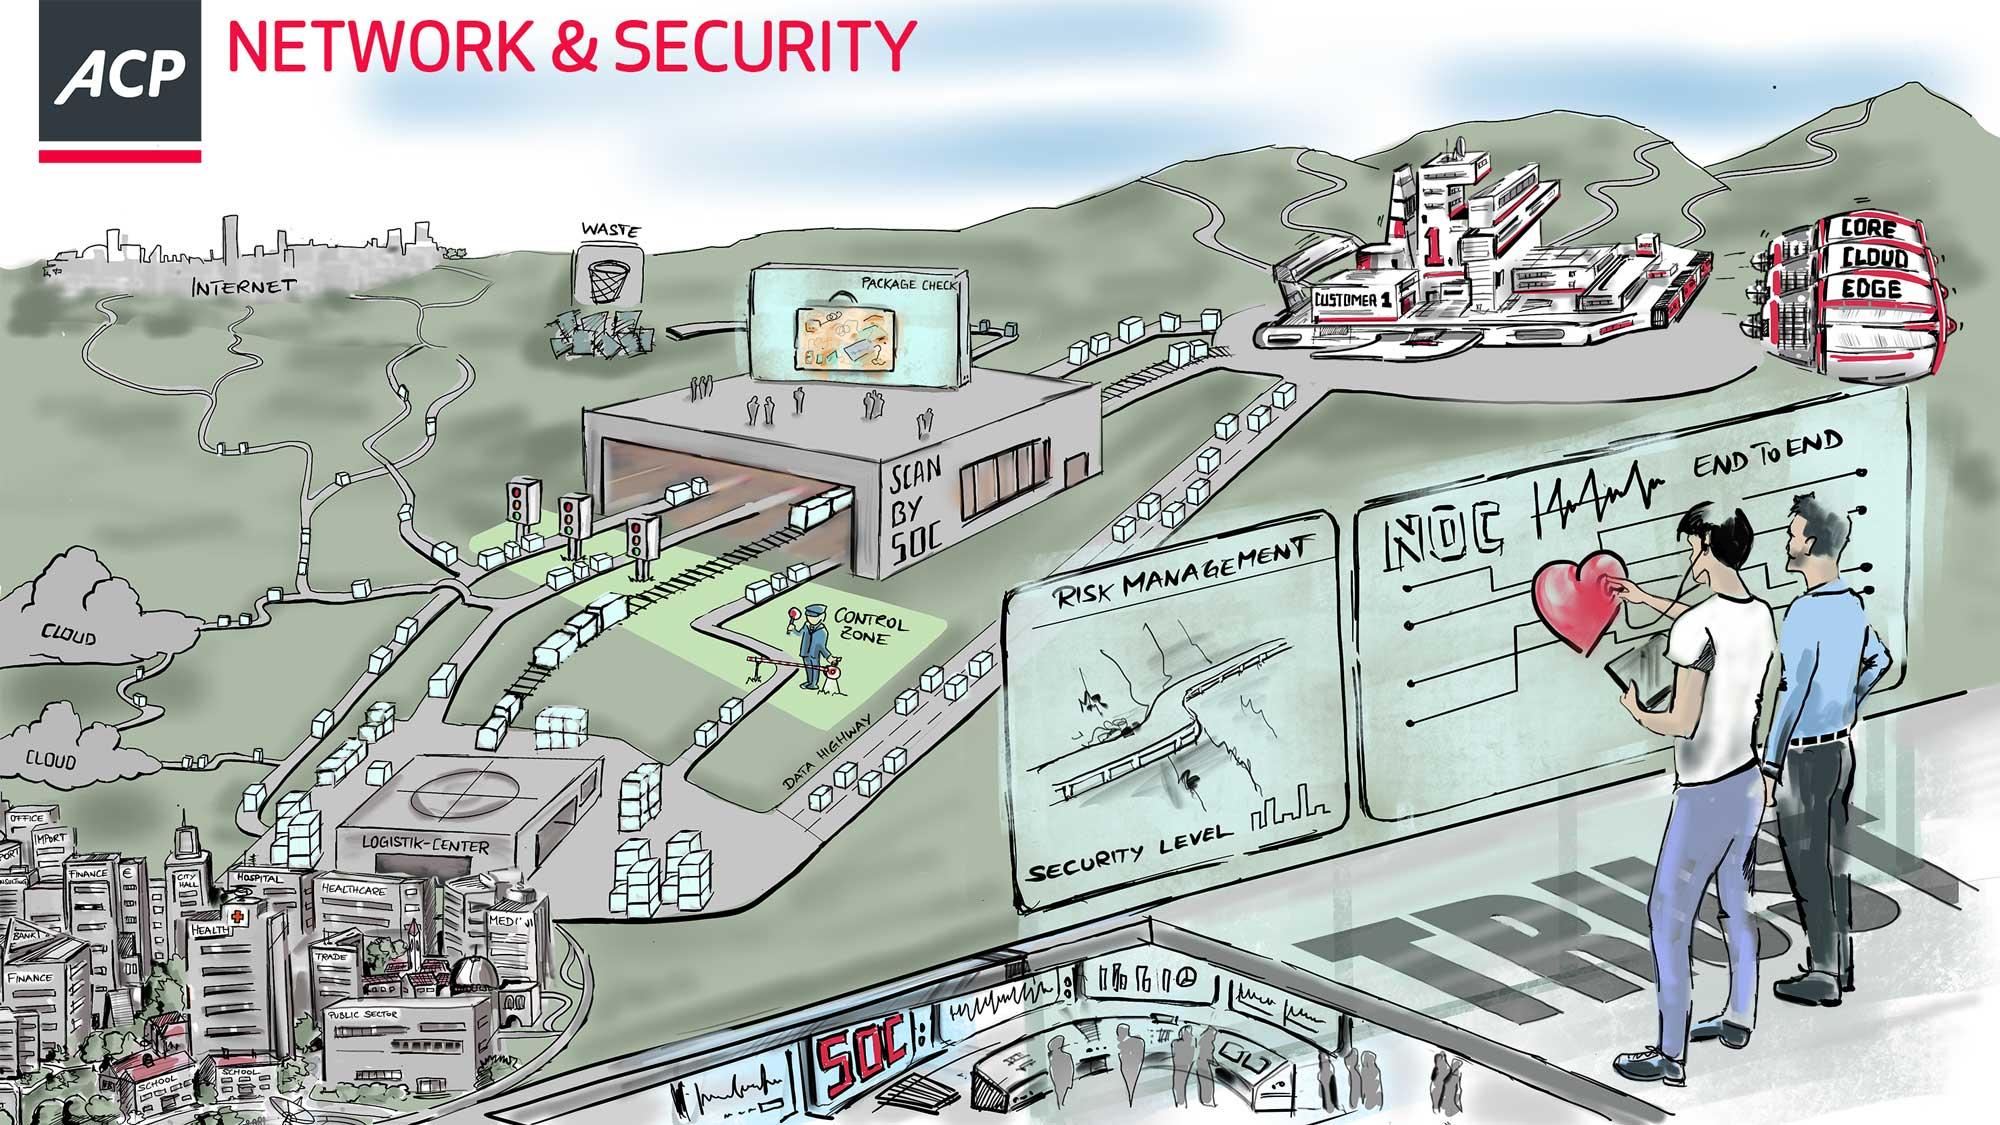 Höchste Sicherheit und stabile Netzwerke - dafür steht ACP.